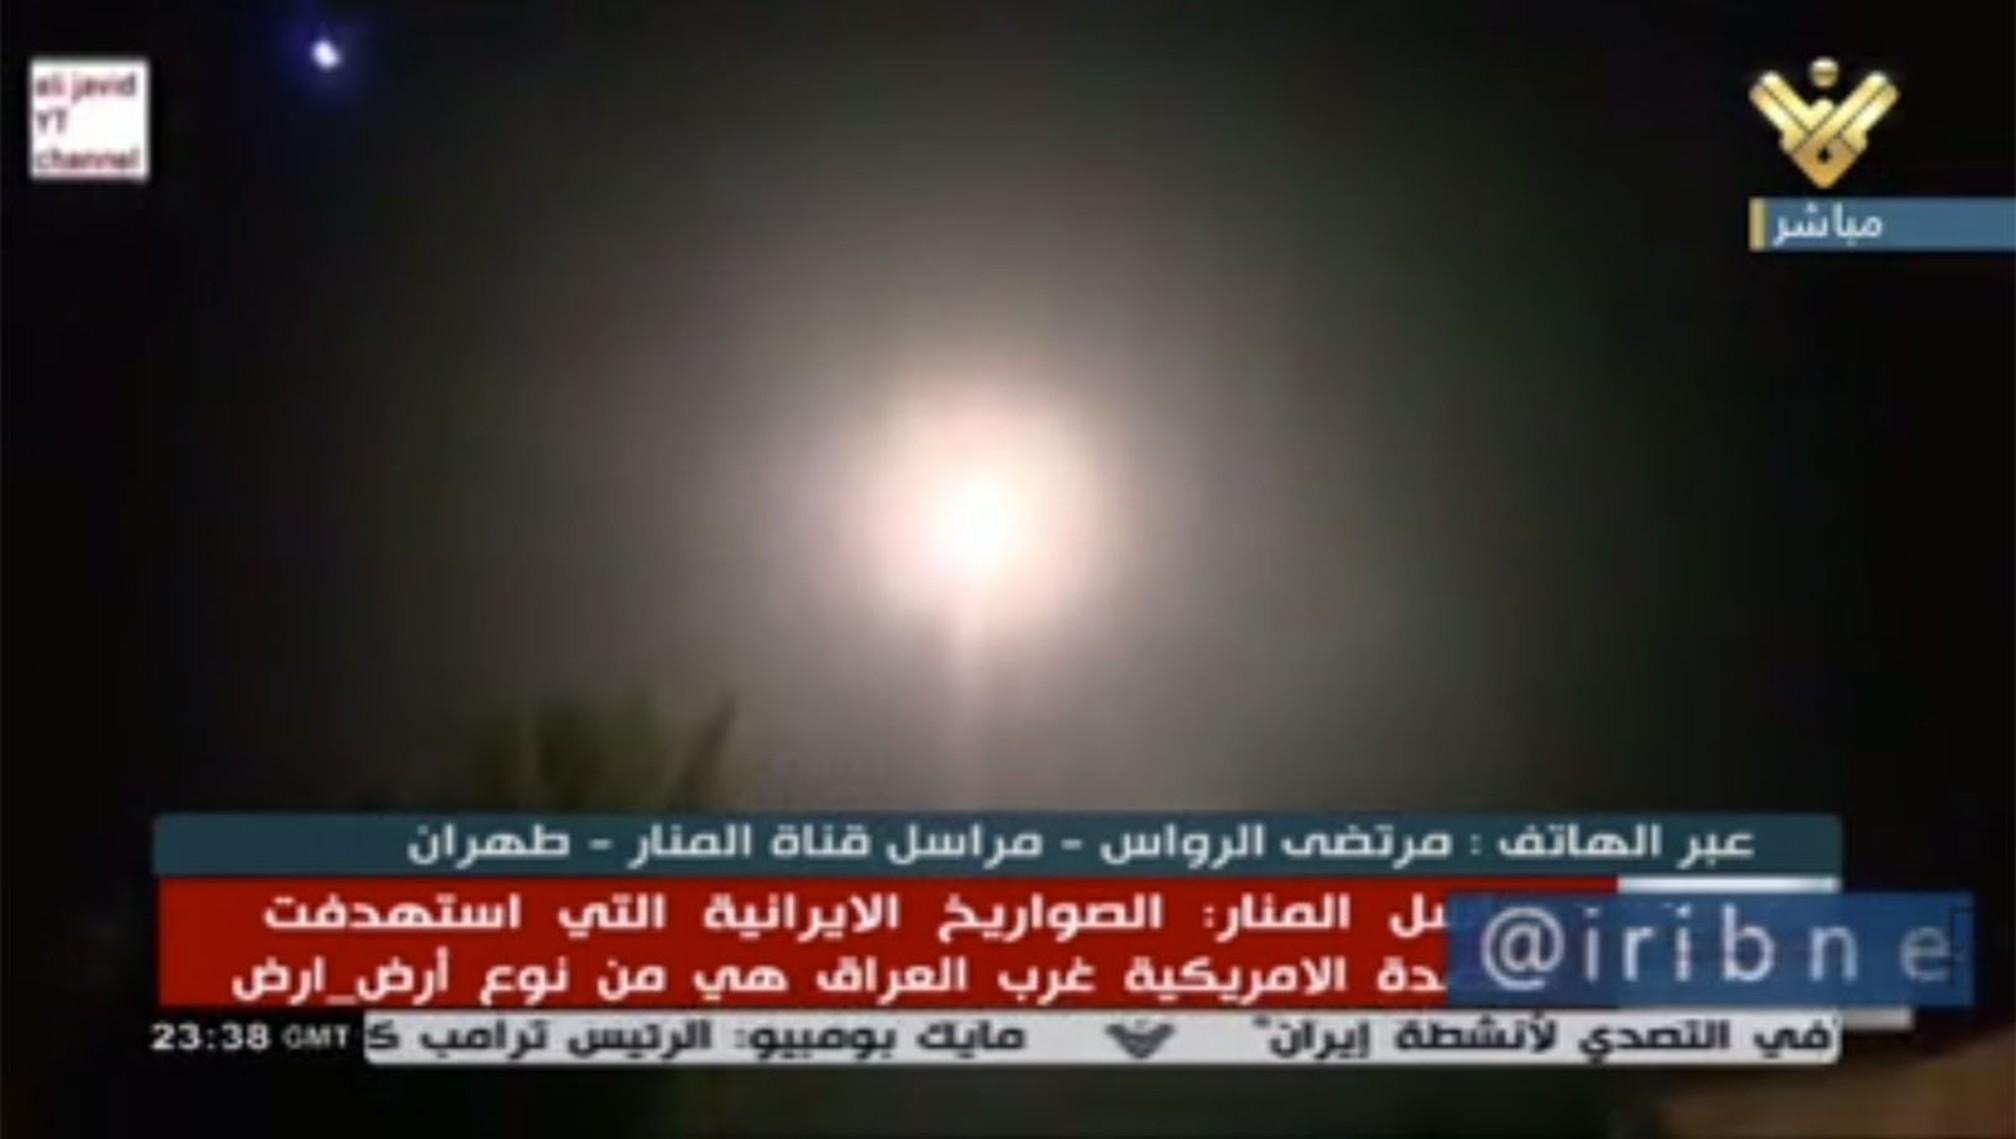 Emissora iraniana noticia lançamento de mísseis contra alvos no Iraque — Foto: Iribnews/Reprodução